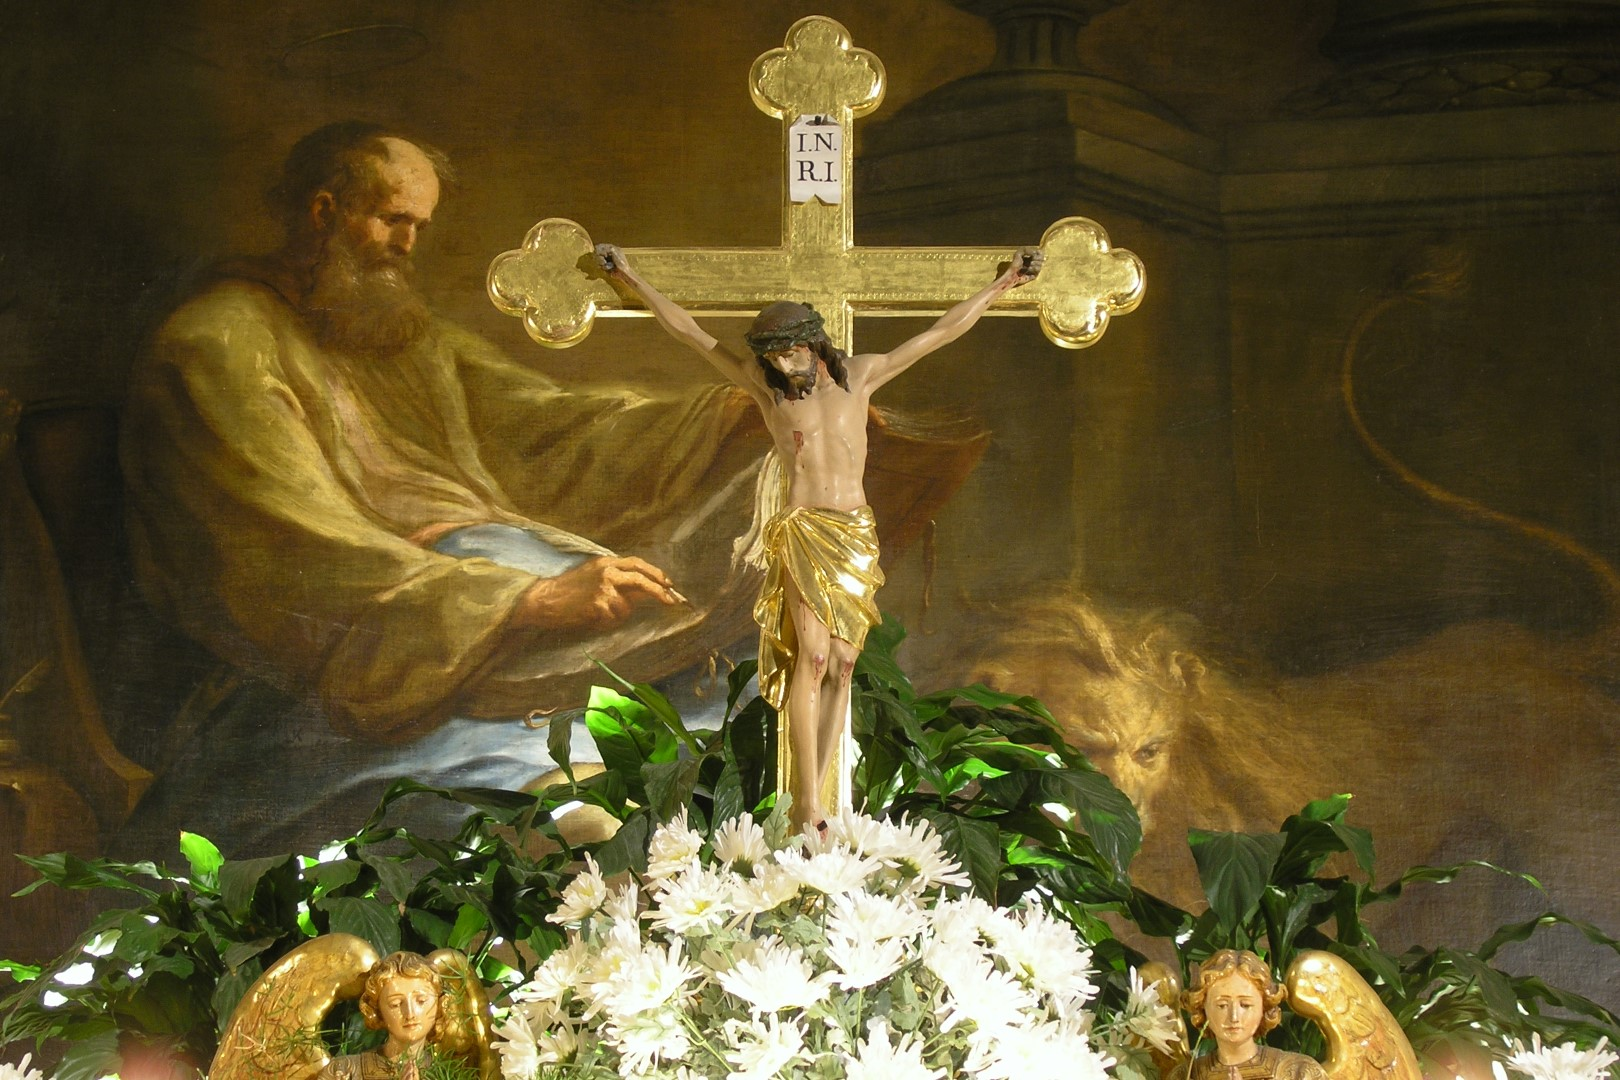 Hochaltarkreuz in der Markuskirche Wolfsberg, im Hintergrund das Altarbild mit dem Hl. Markus (© Mag. Bernhard Wagner).